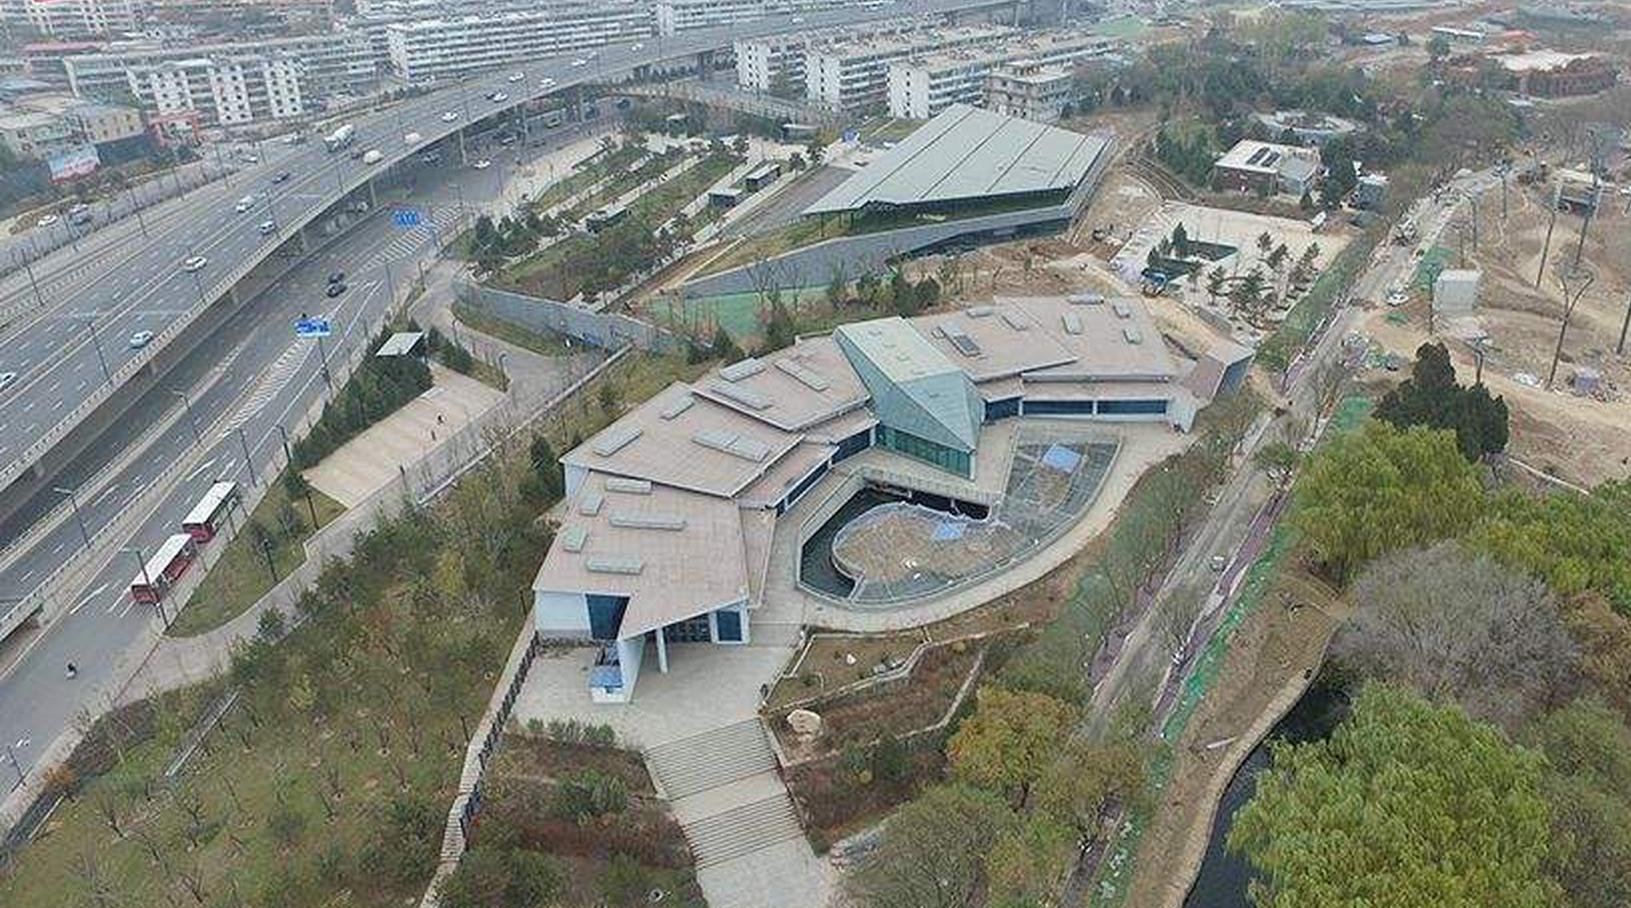 太原动物园9月28日全新亮相 面积增加 馆舍大升级